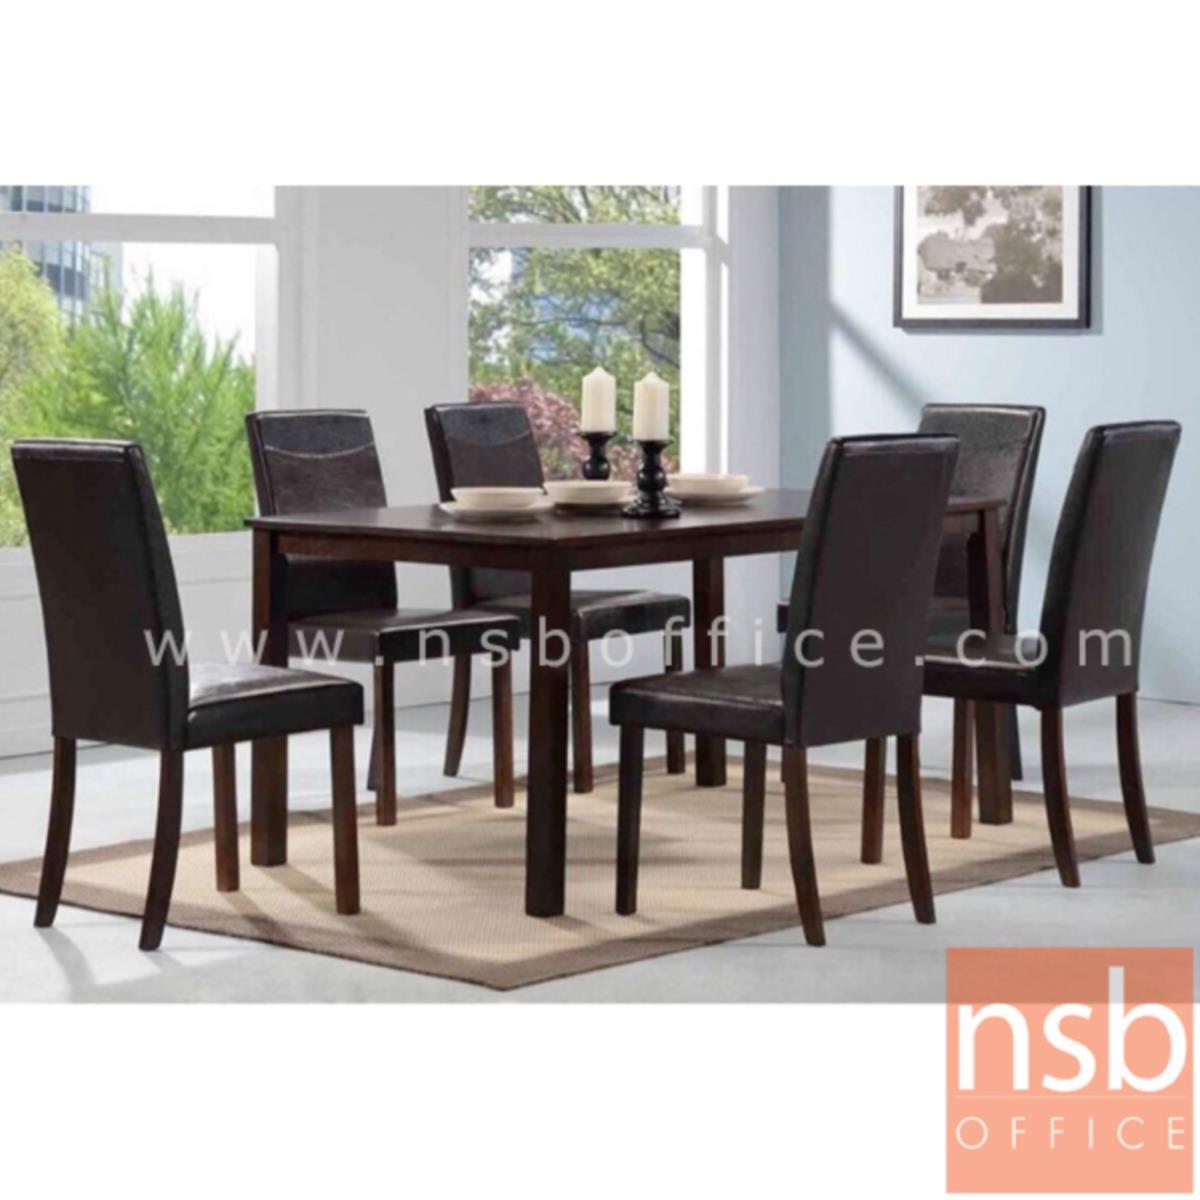 ชุดโต๊ะรับประทานอาหารหน้าไม้ยางพารา 6 ที่นั่ง   พร้อมเก้าอี้